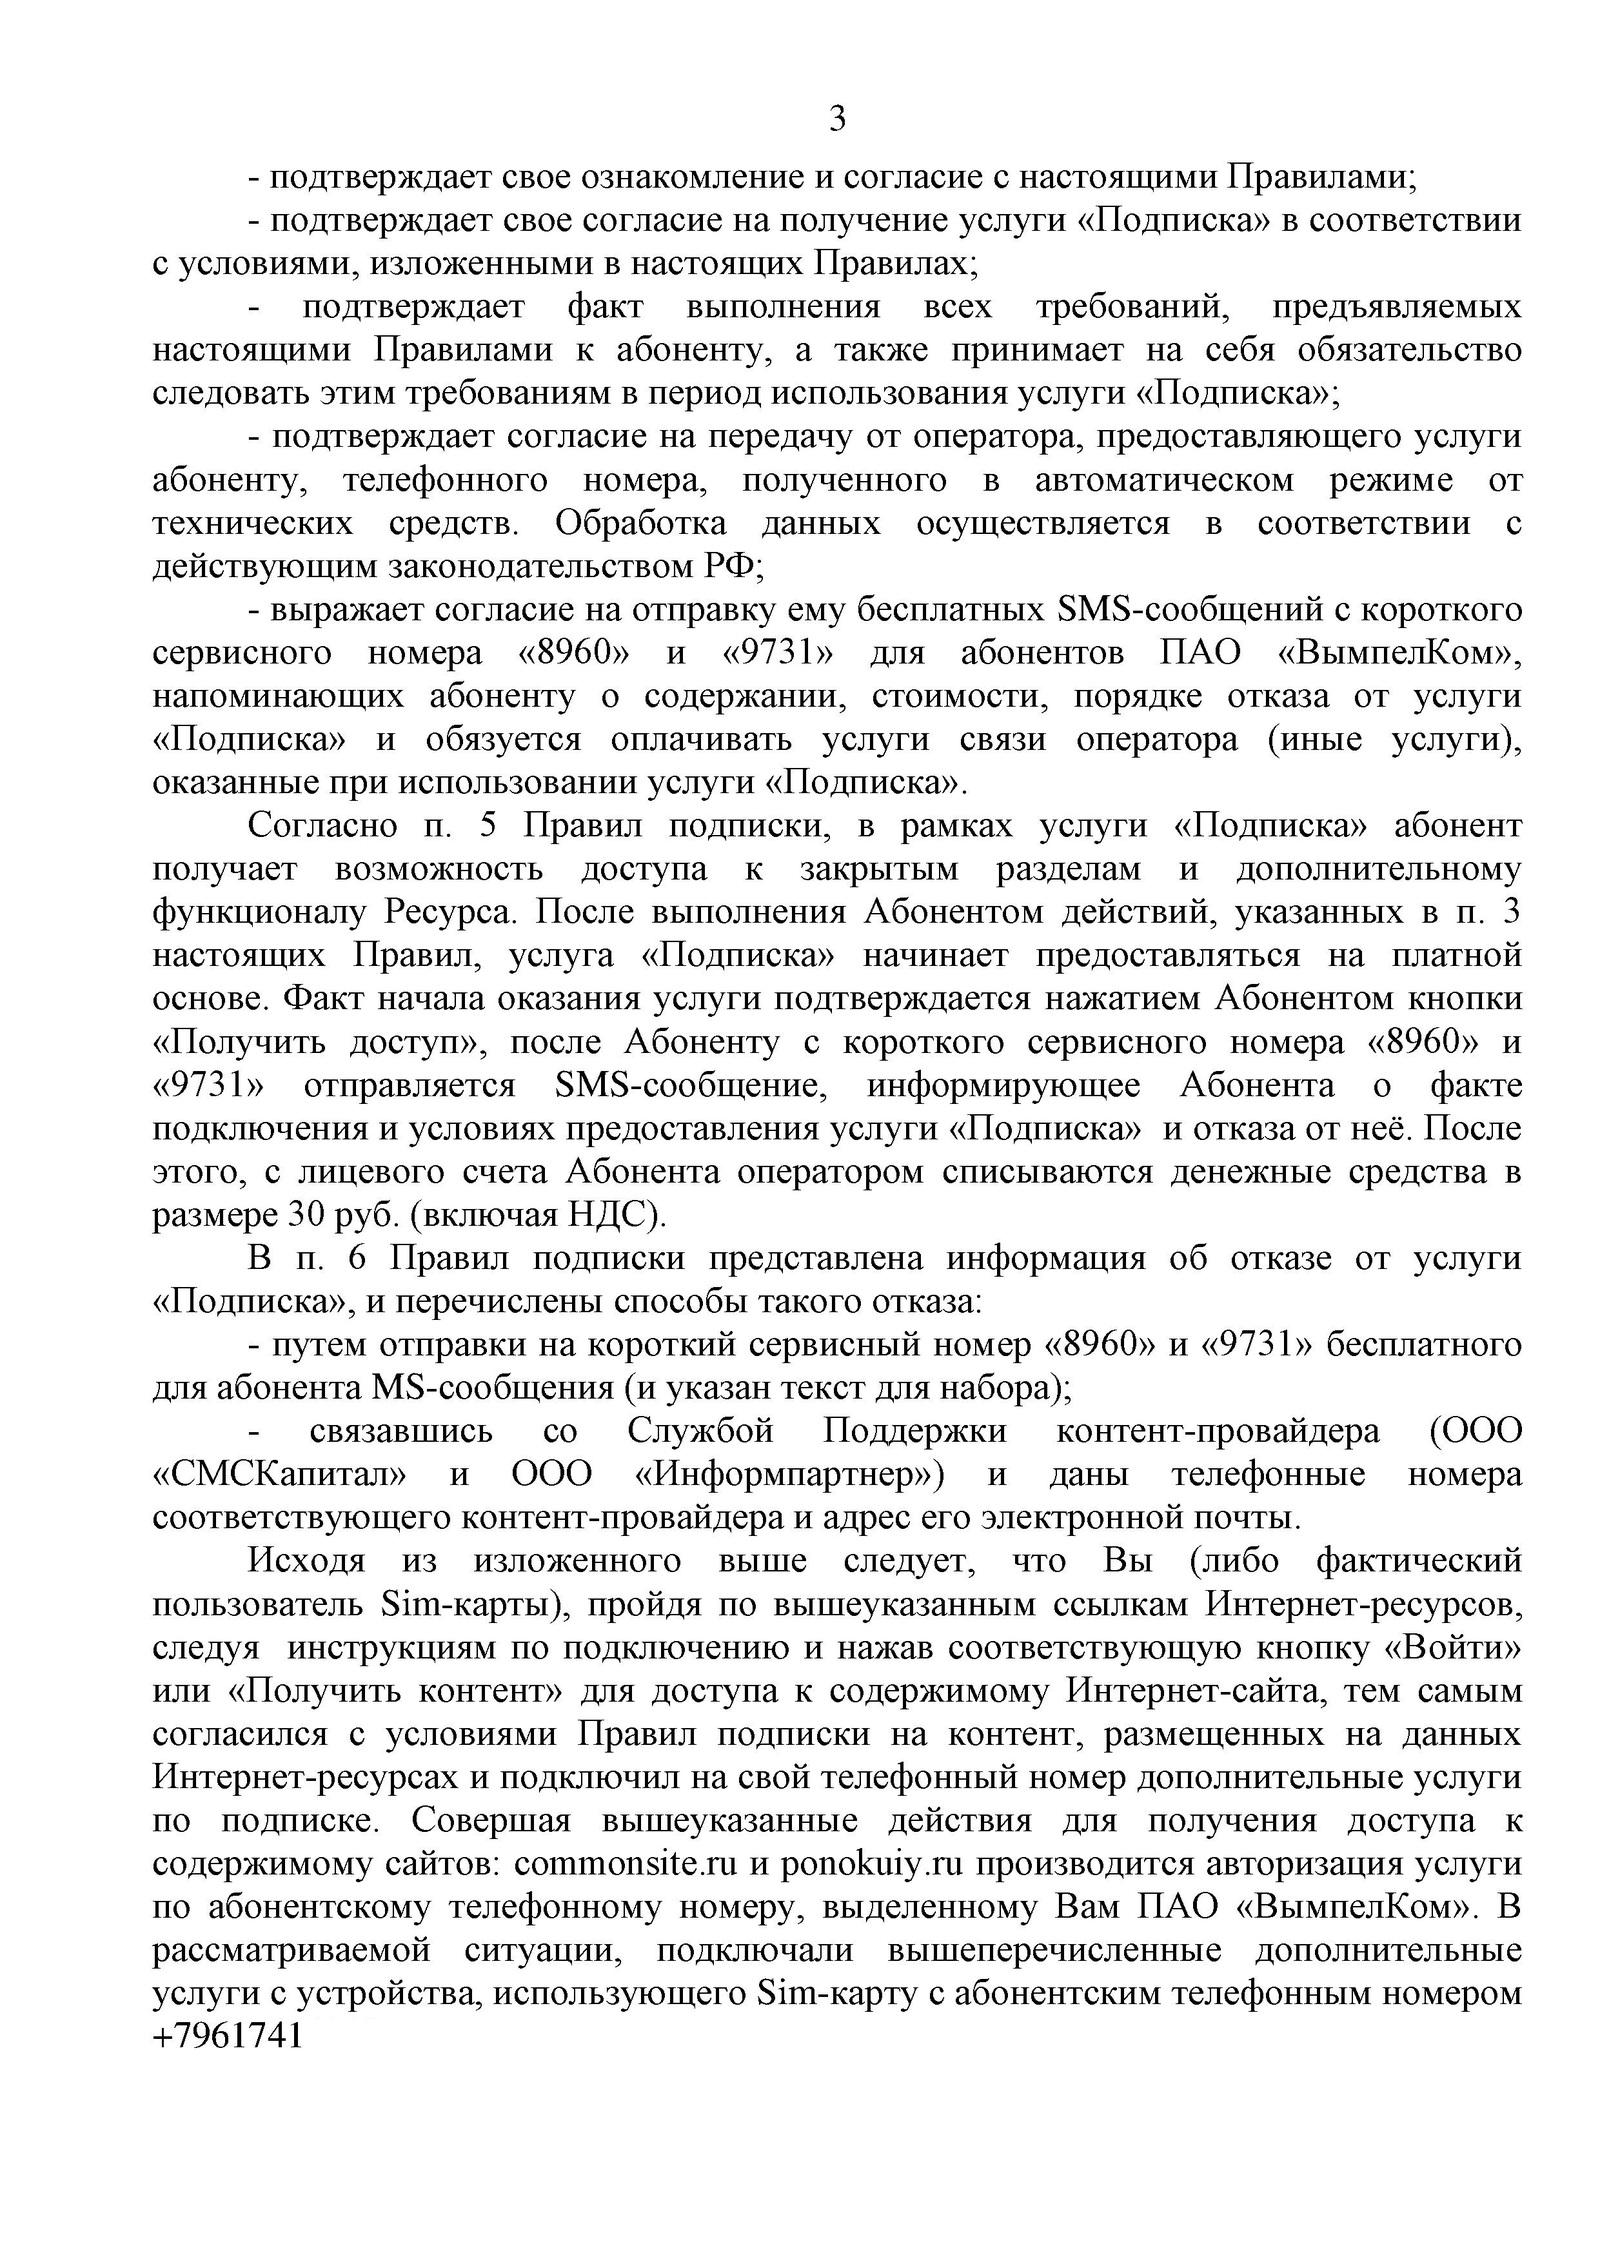 Отчет по практике в пао вымпелком 5782